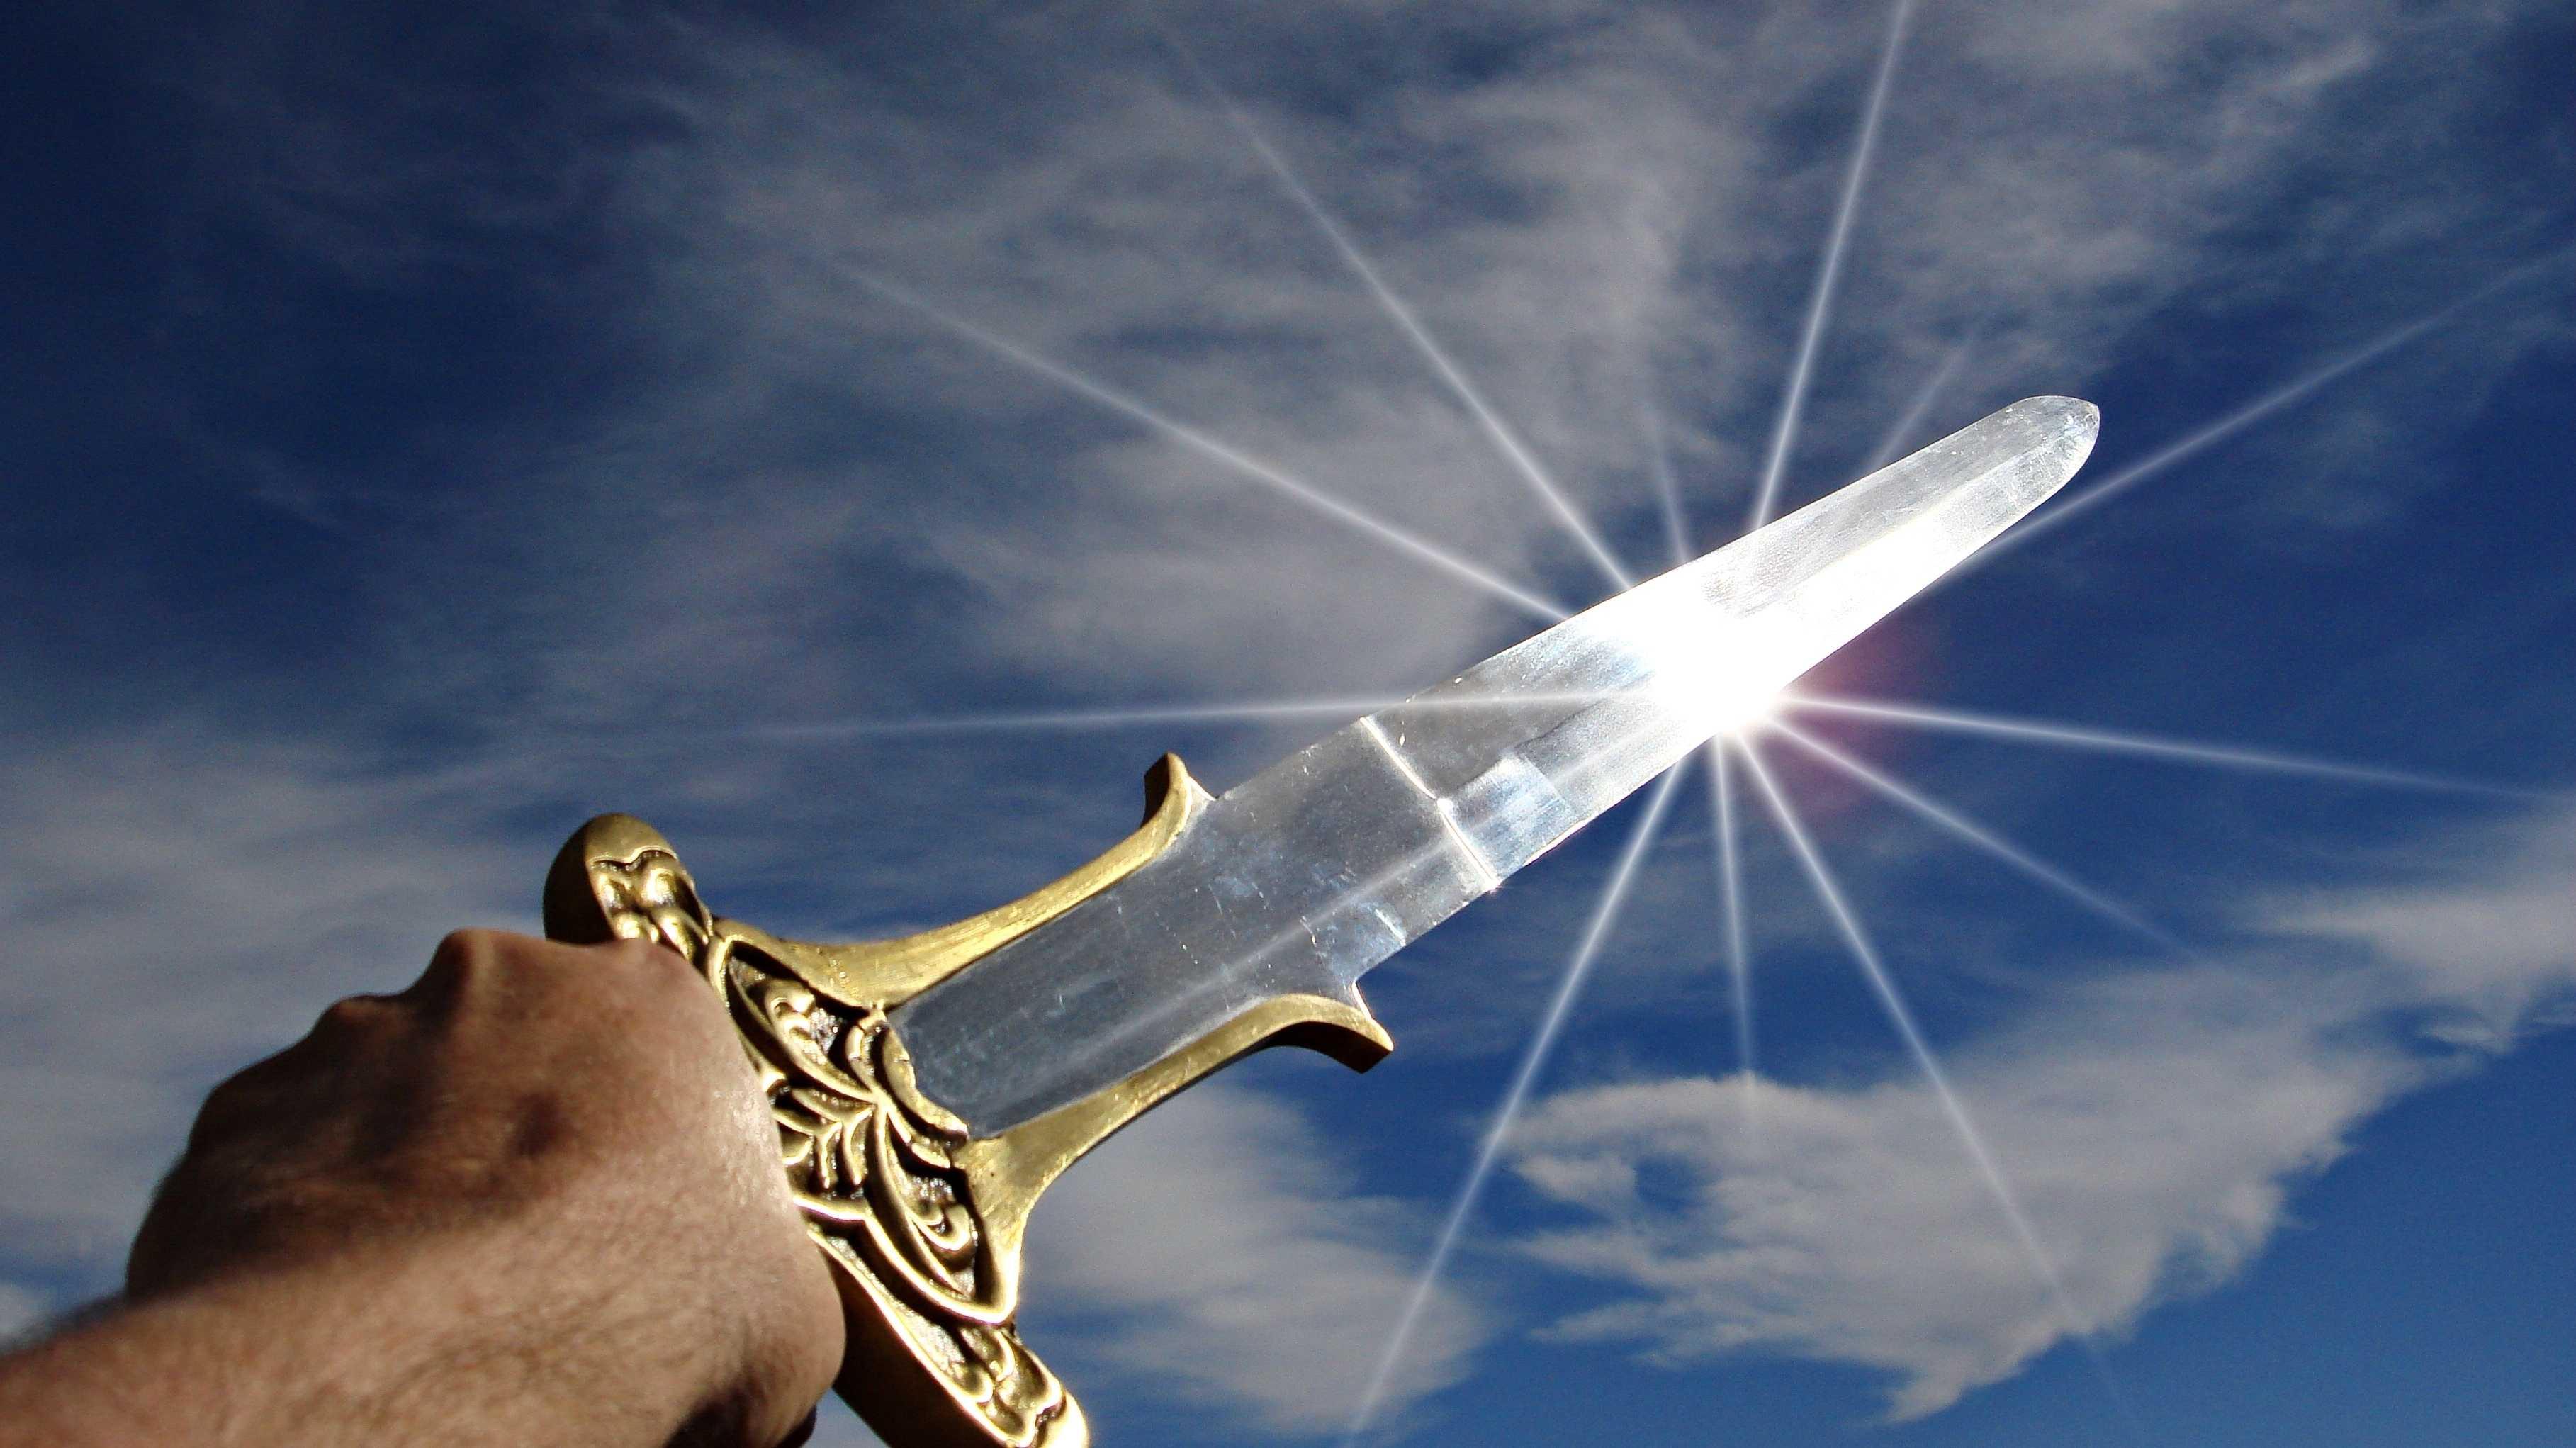 Eine Hand streckt ein blitzendes Schwert gen Himmel